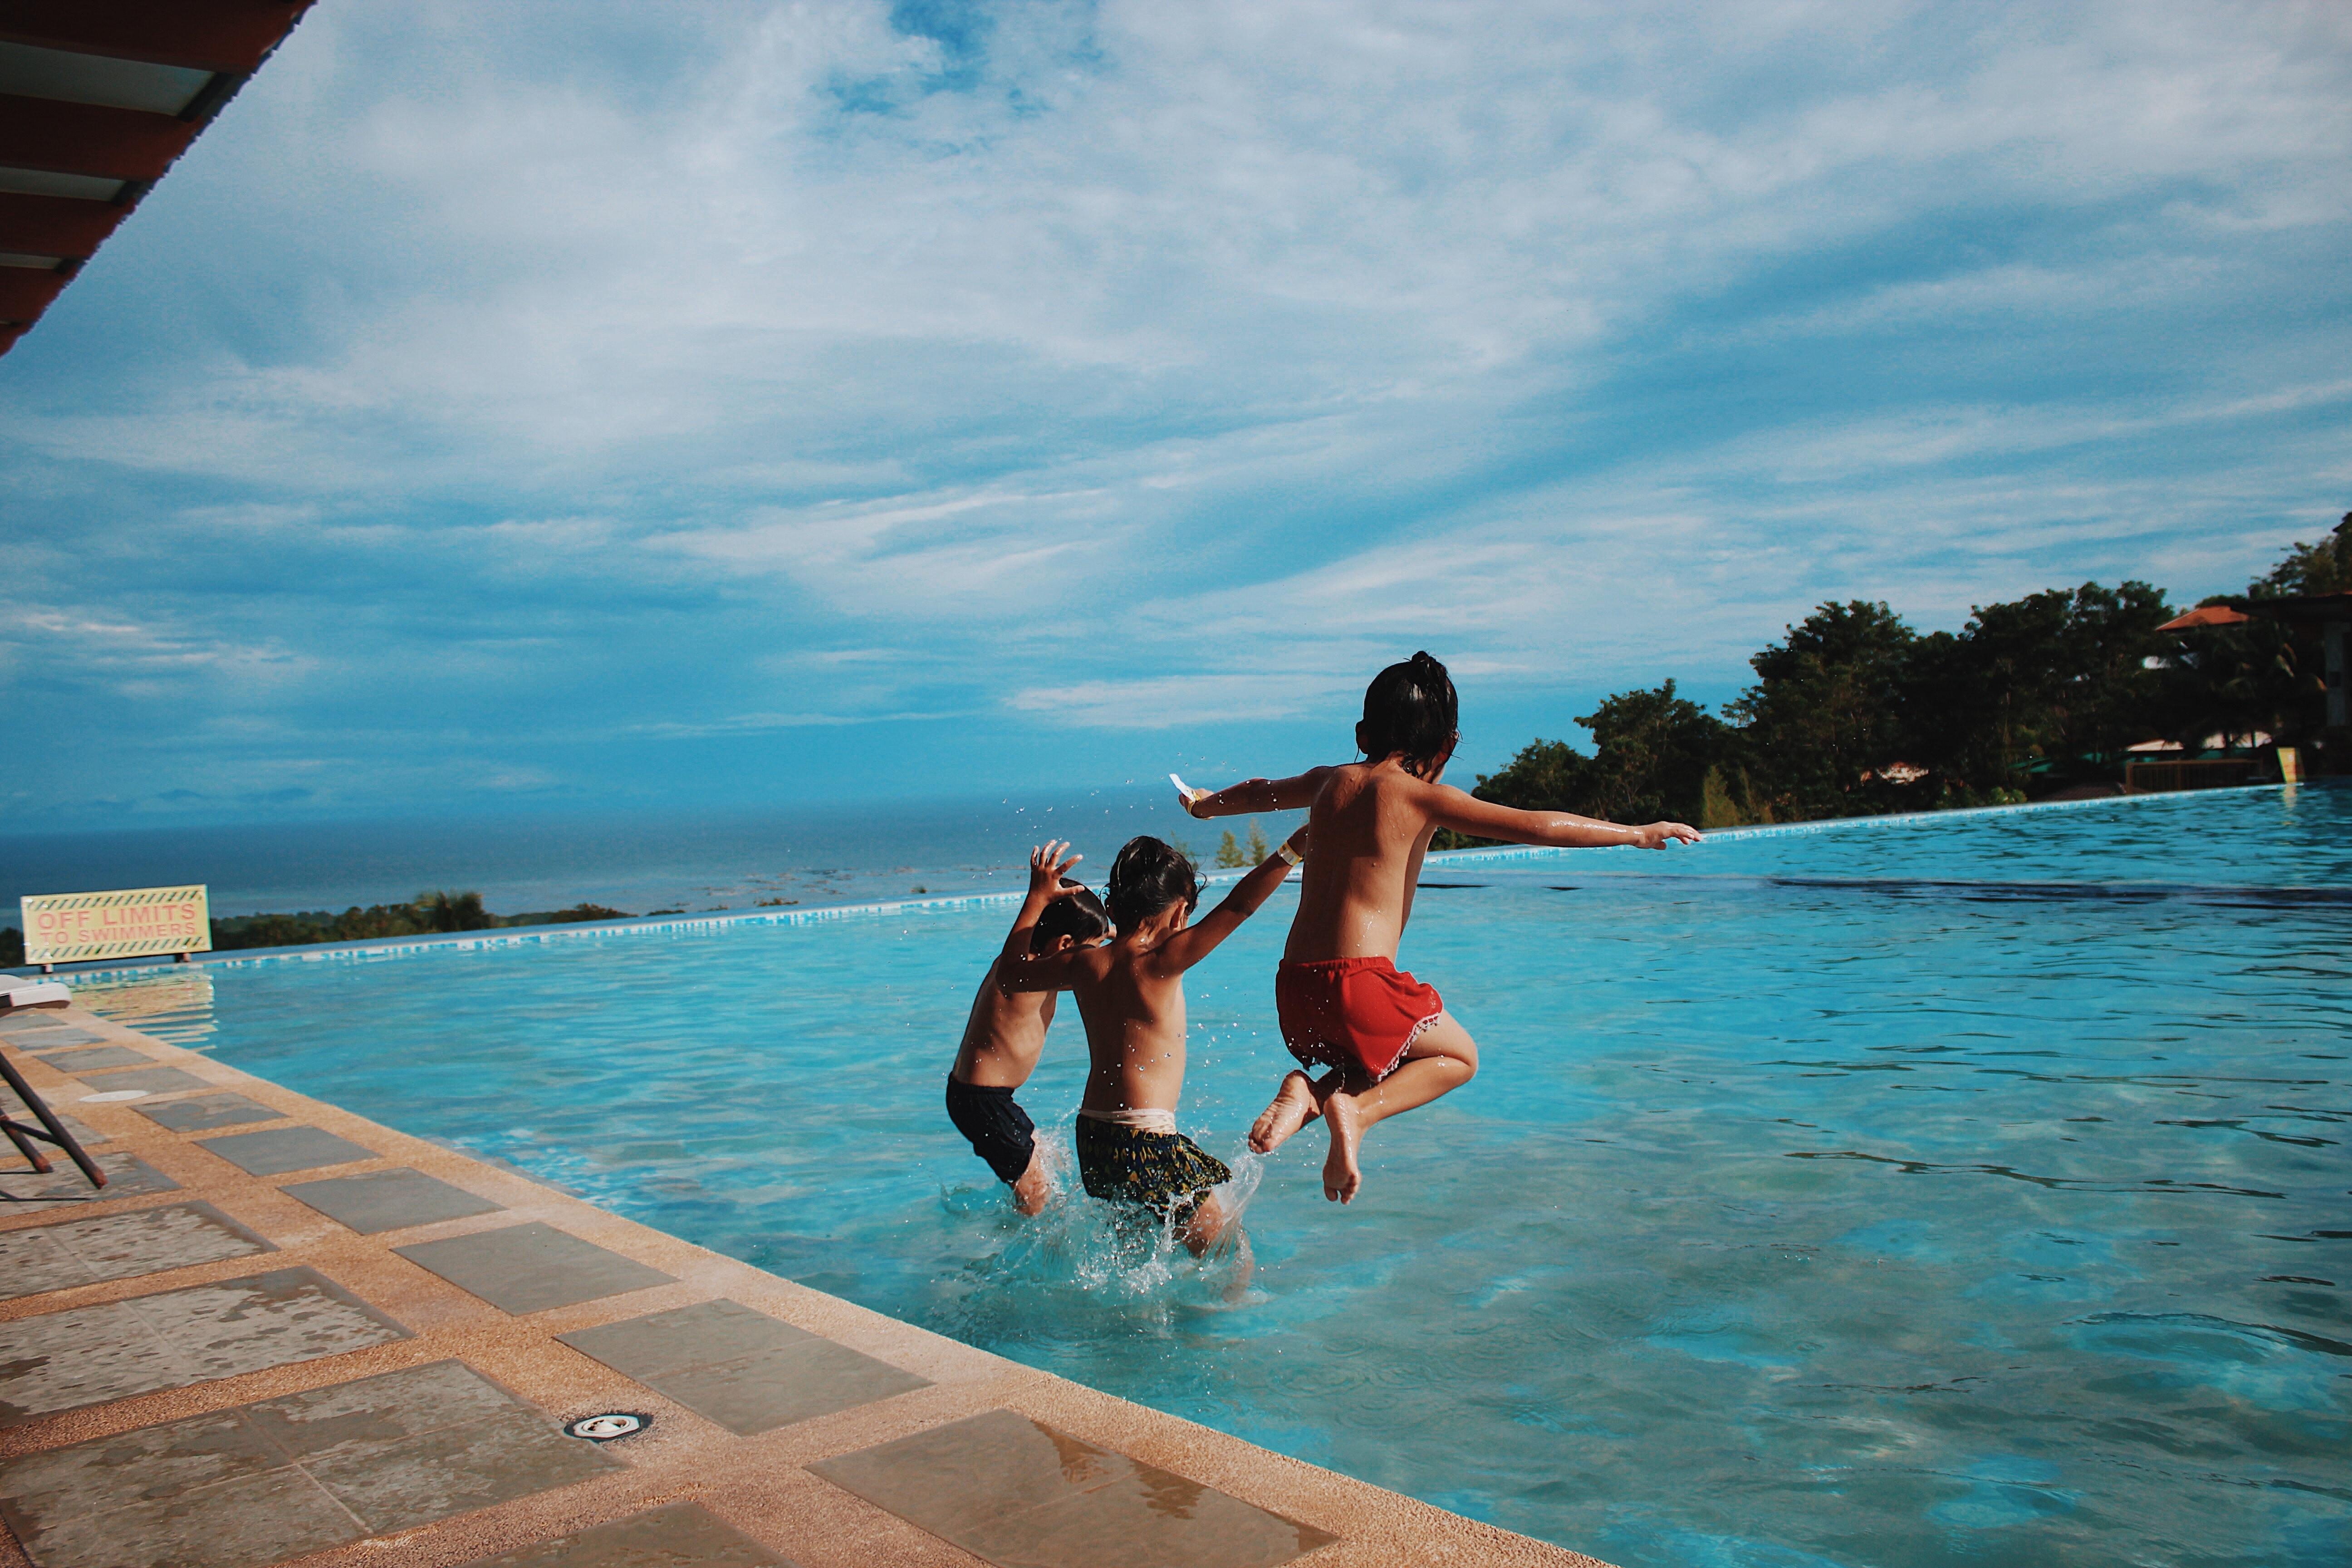 Reunió inscrits al Campus de FLAÇÀ dijous 21 juny (20:30 o 21:15h) a la piscina de Flaçà